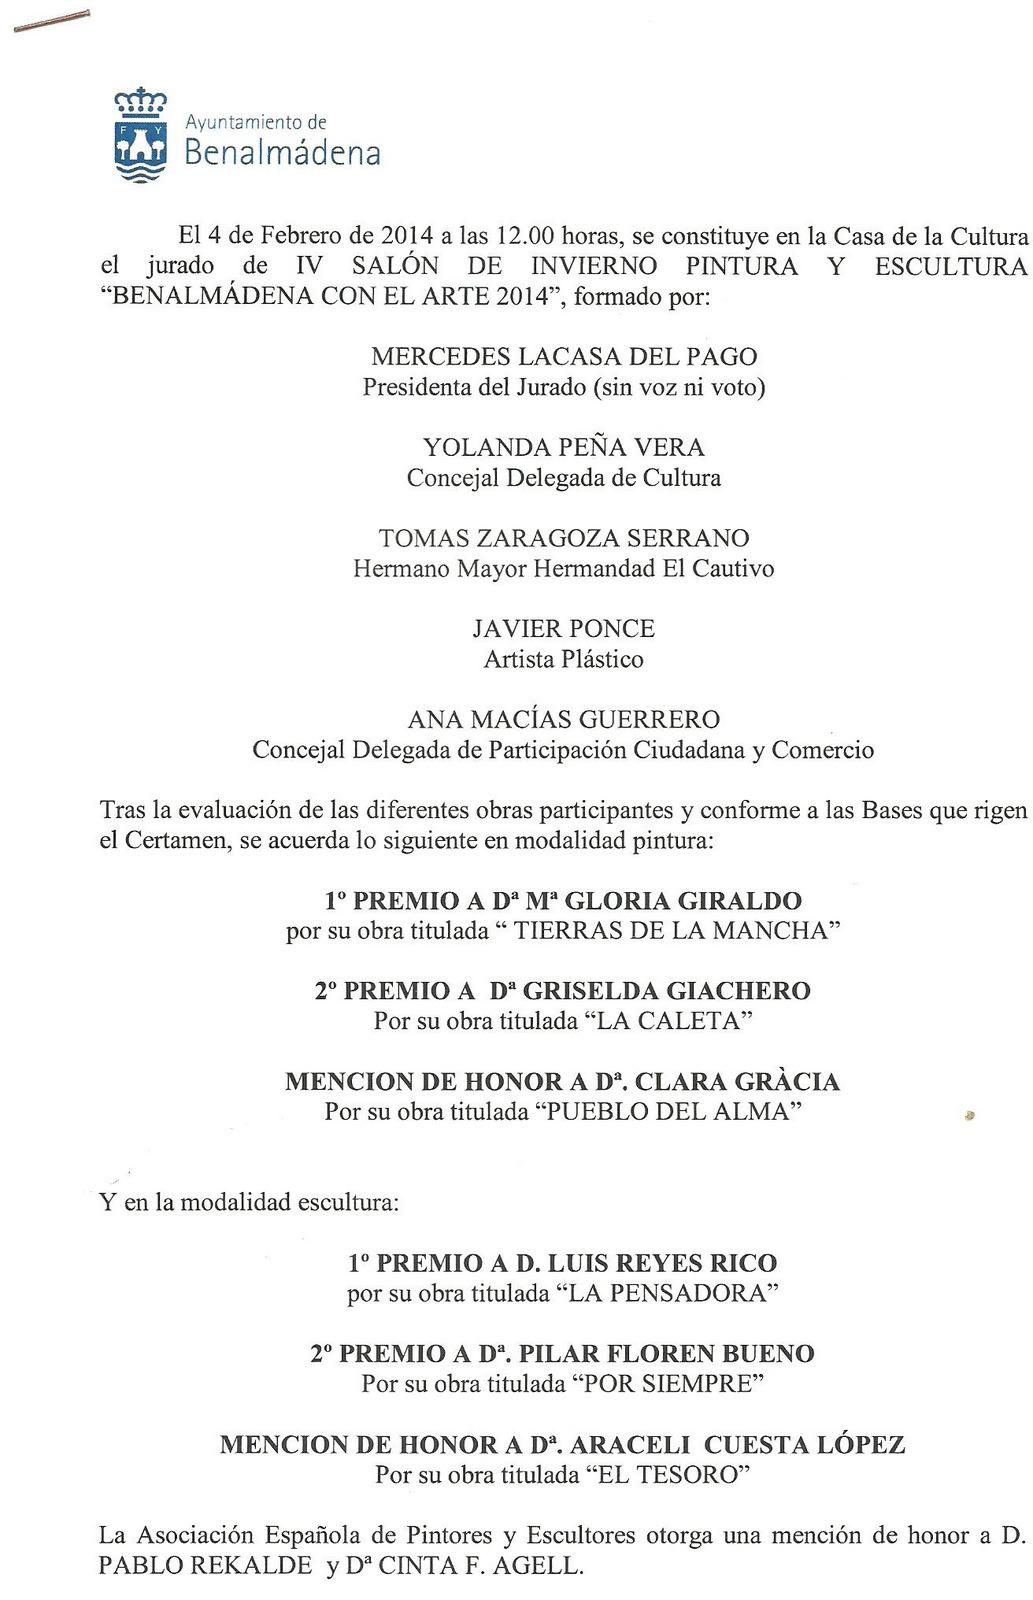 Acta IV Salón de Invierno